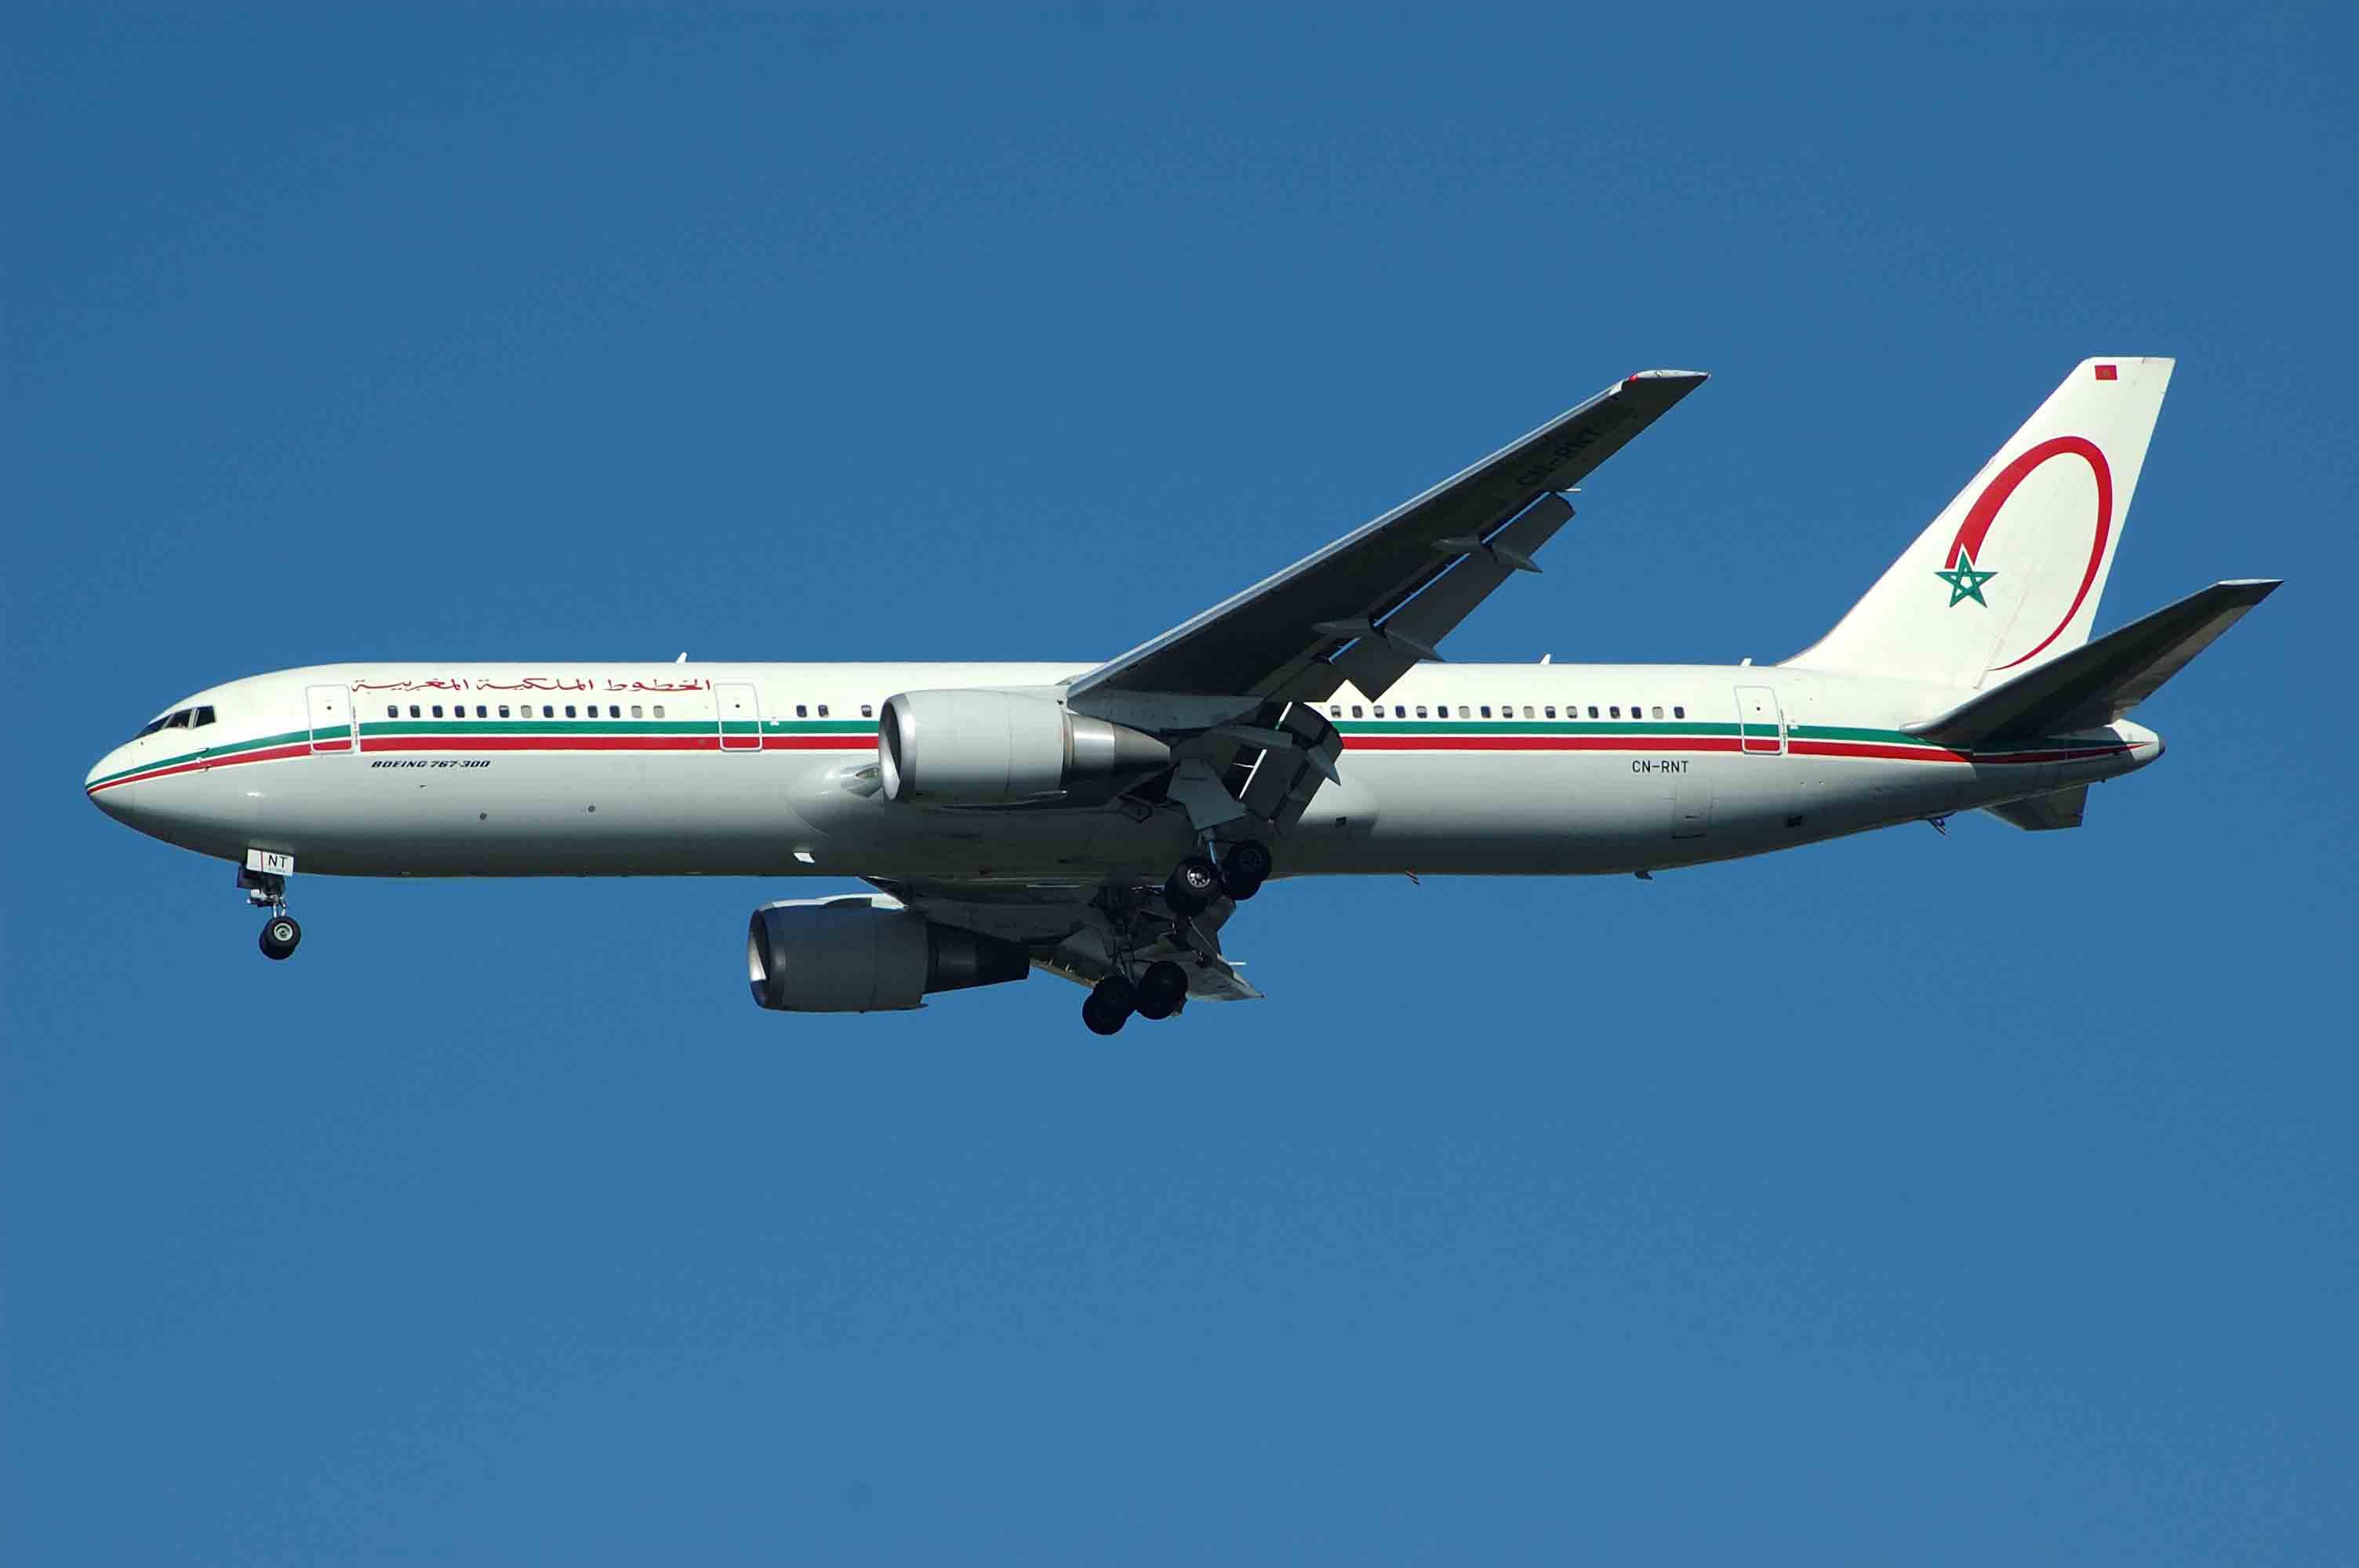 シンガポール航空(SQ)が釜山(PUS)へ就航